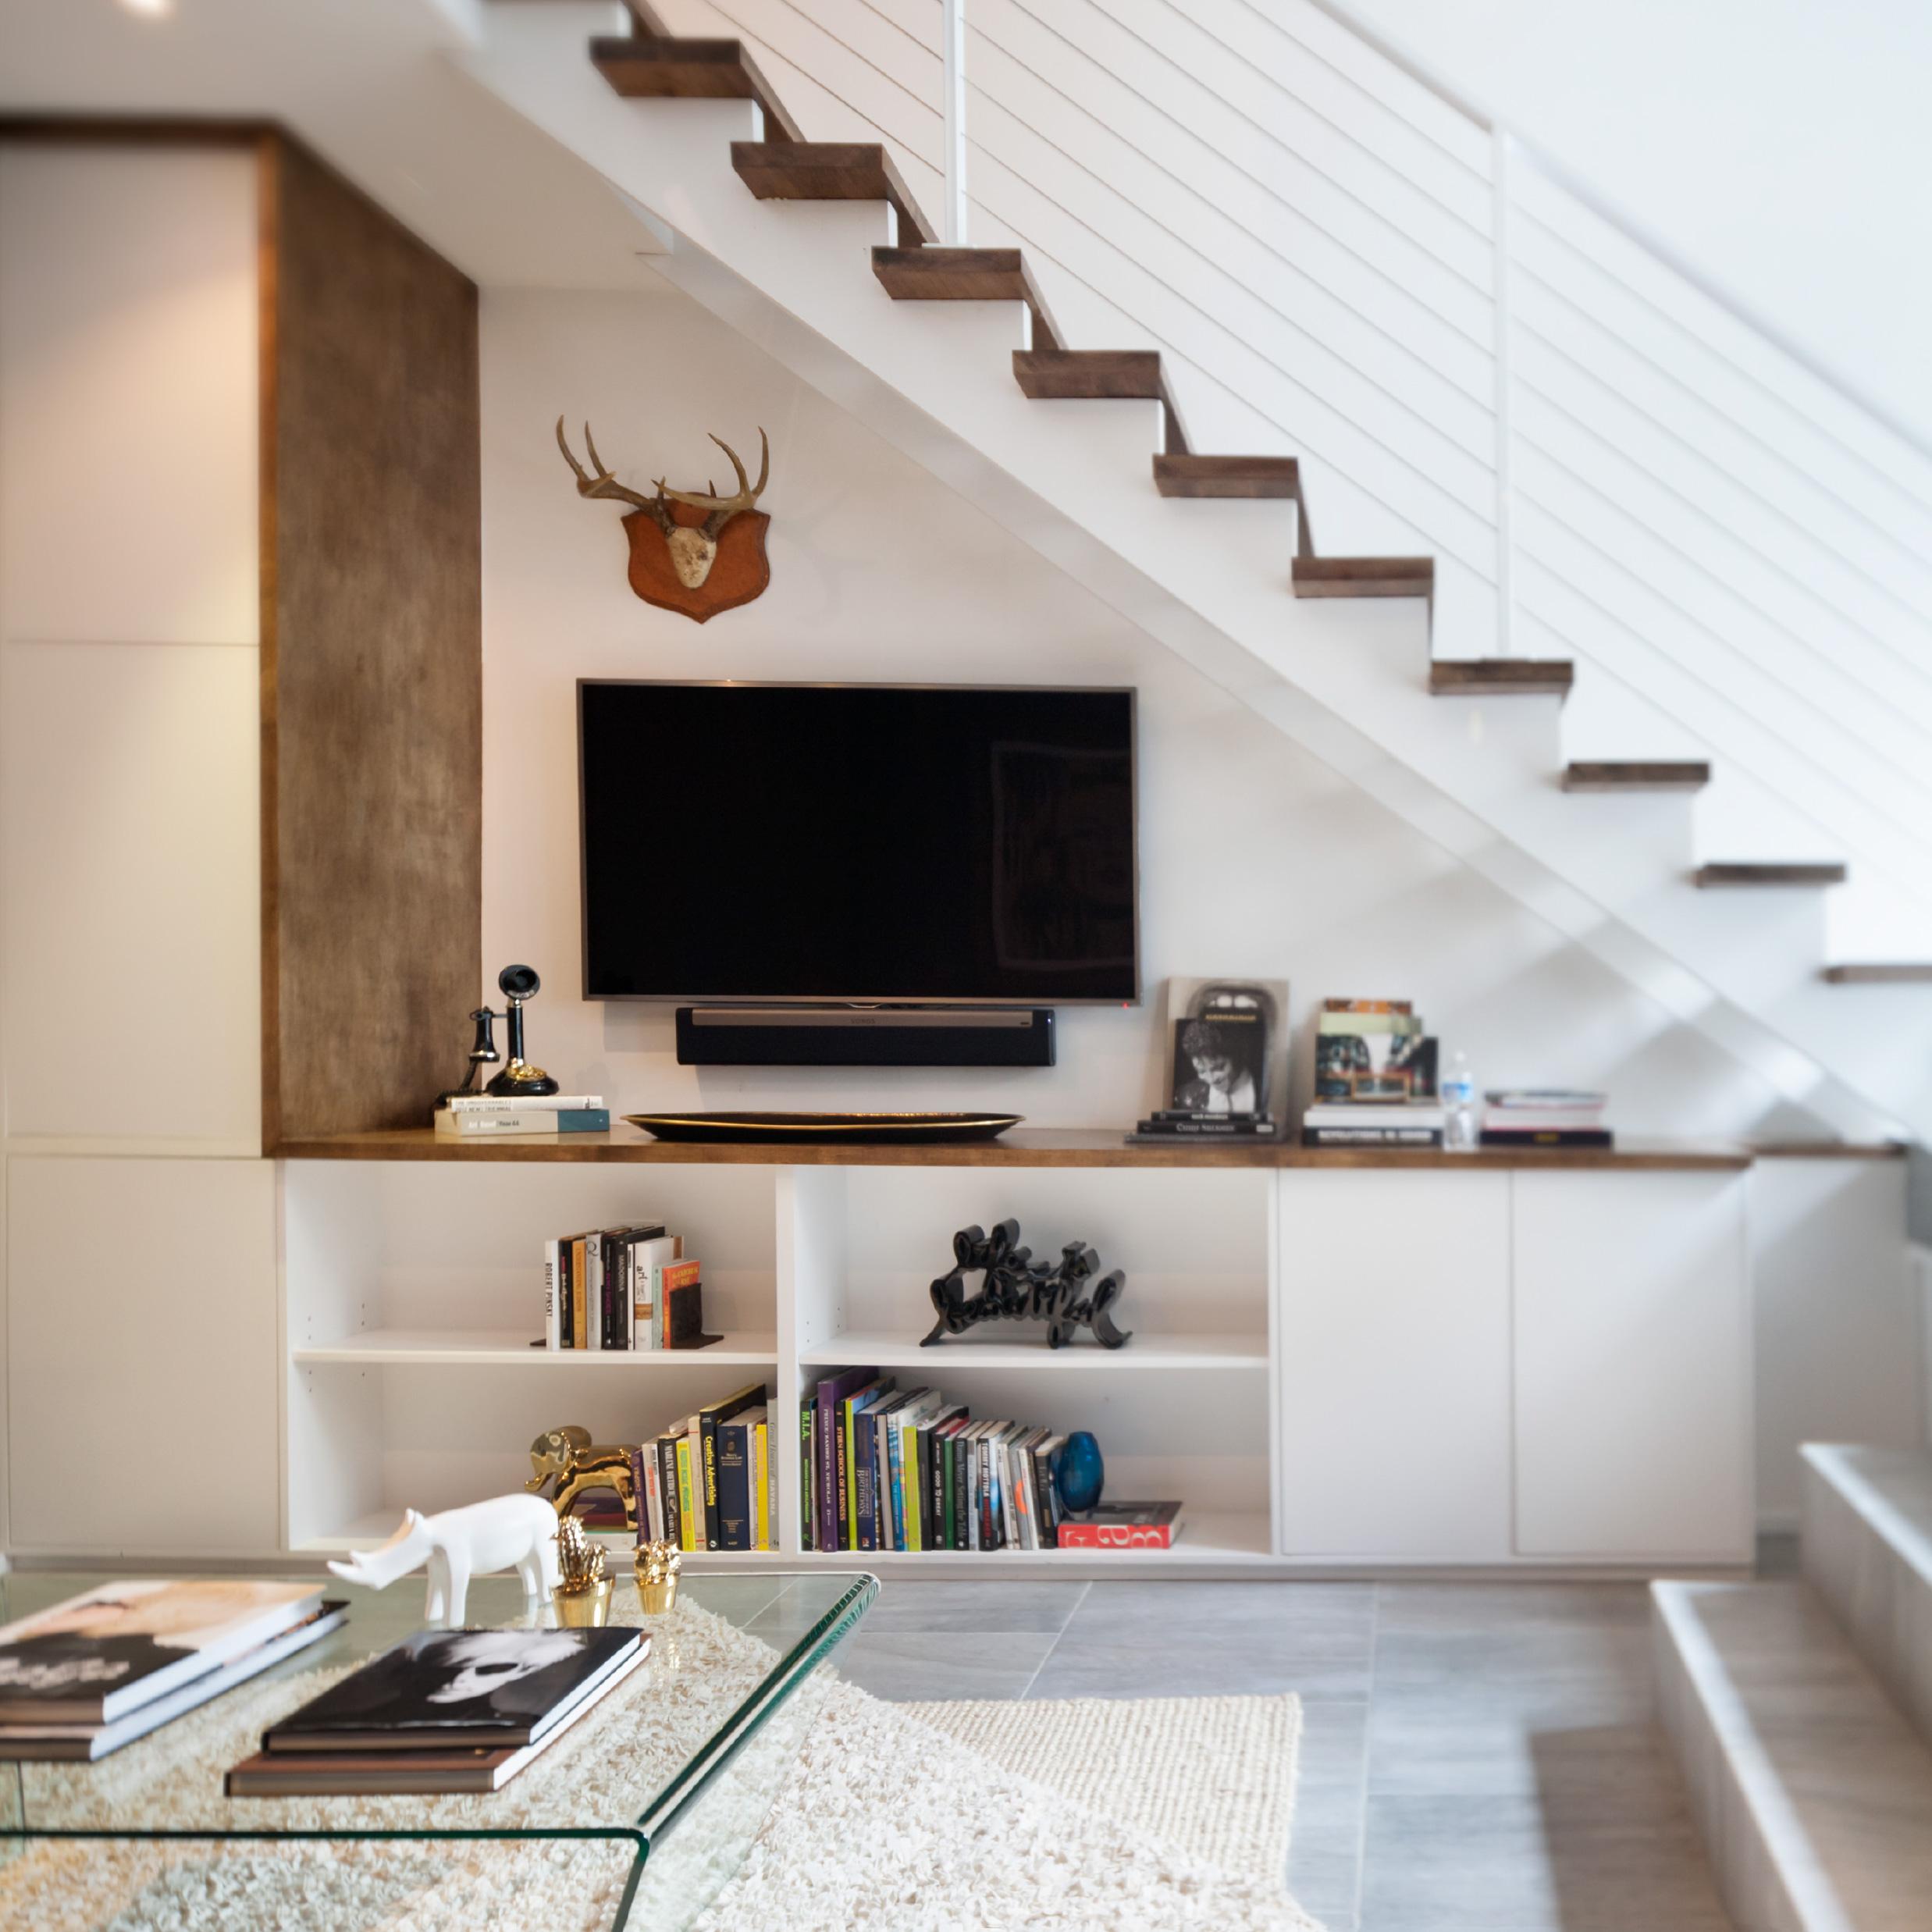 Inna_Interior_11.jpg